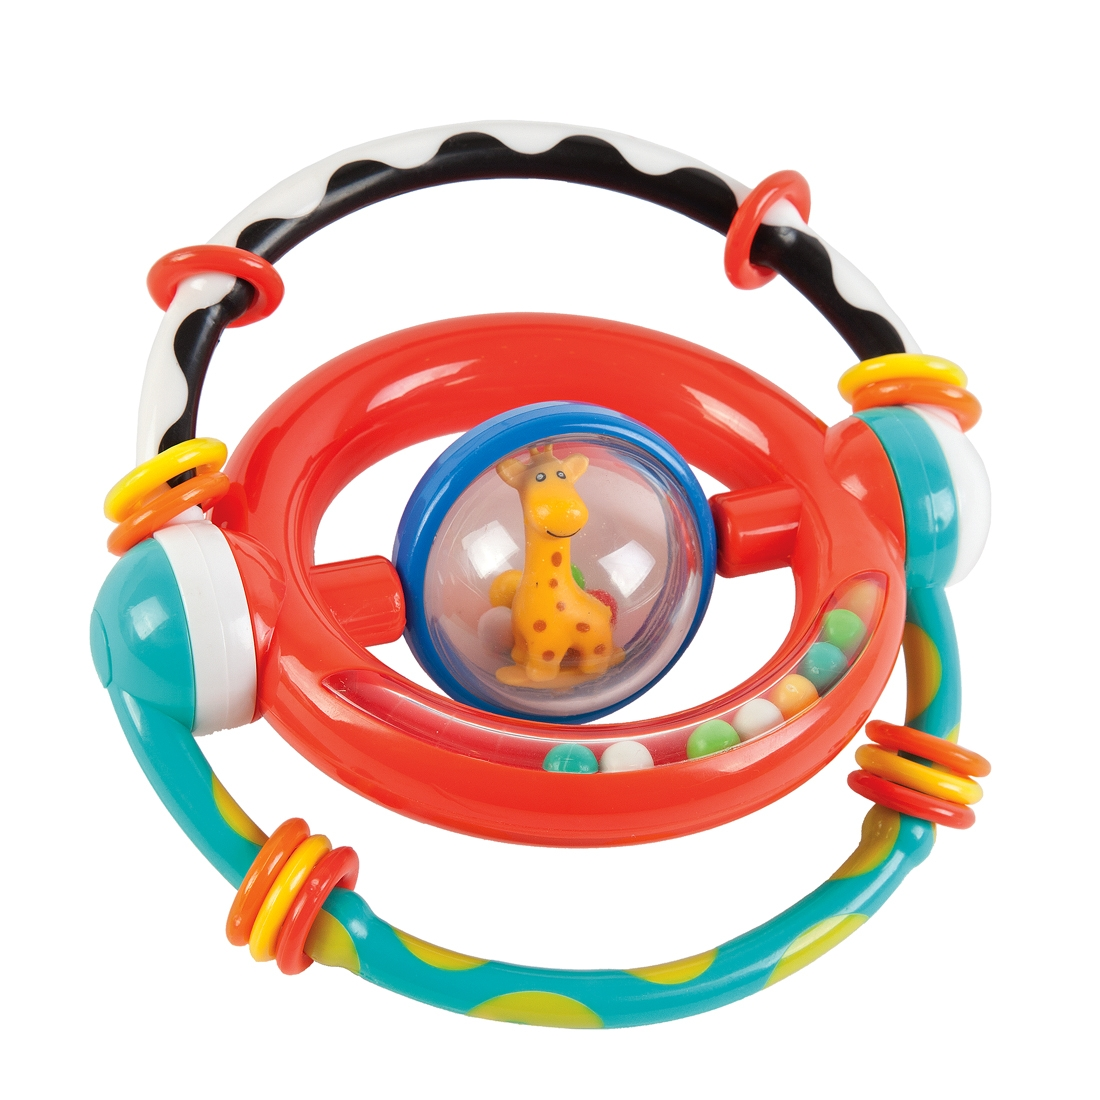 Развивающая игрушка Наша игрушка Умный жирафик погремушки жирафики прорезыватель радужный жирафик